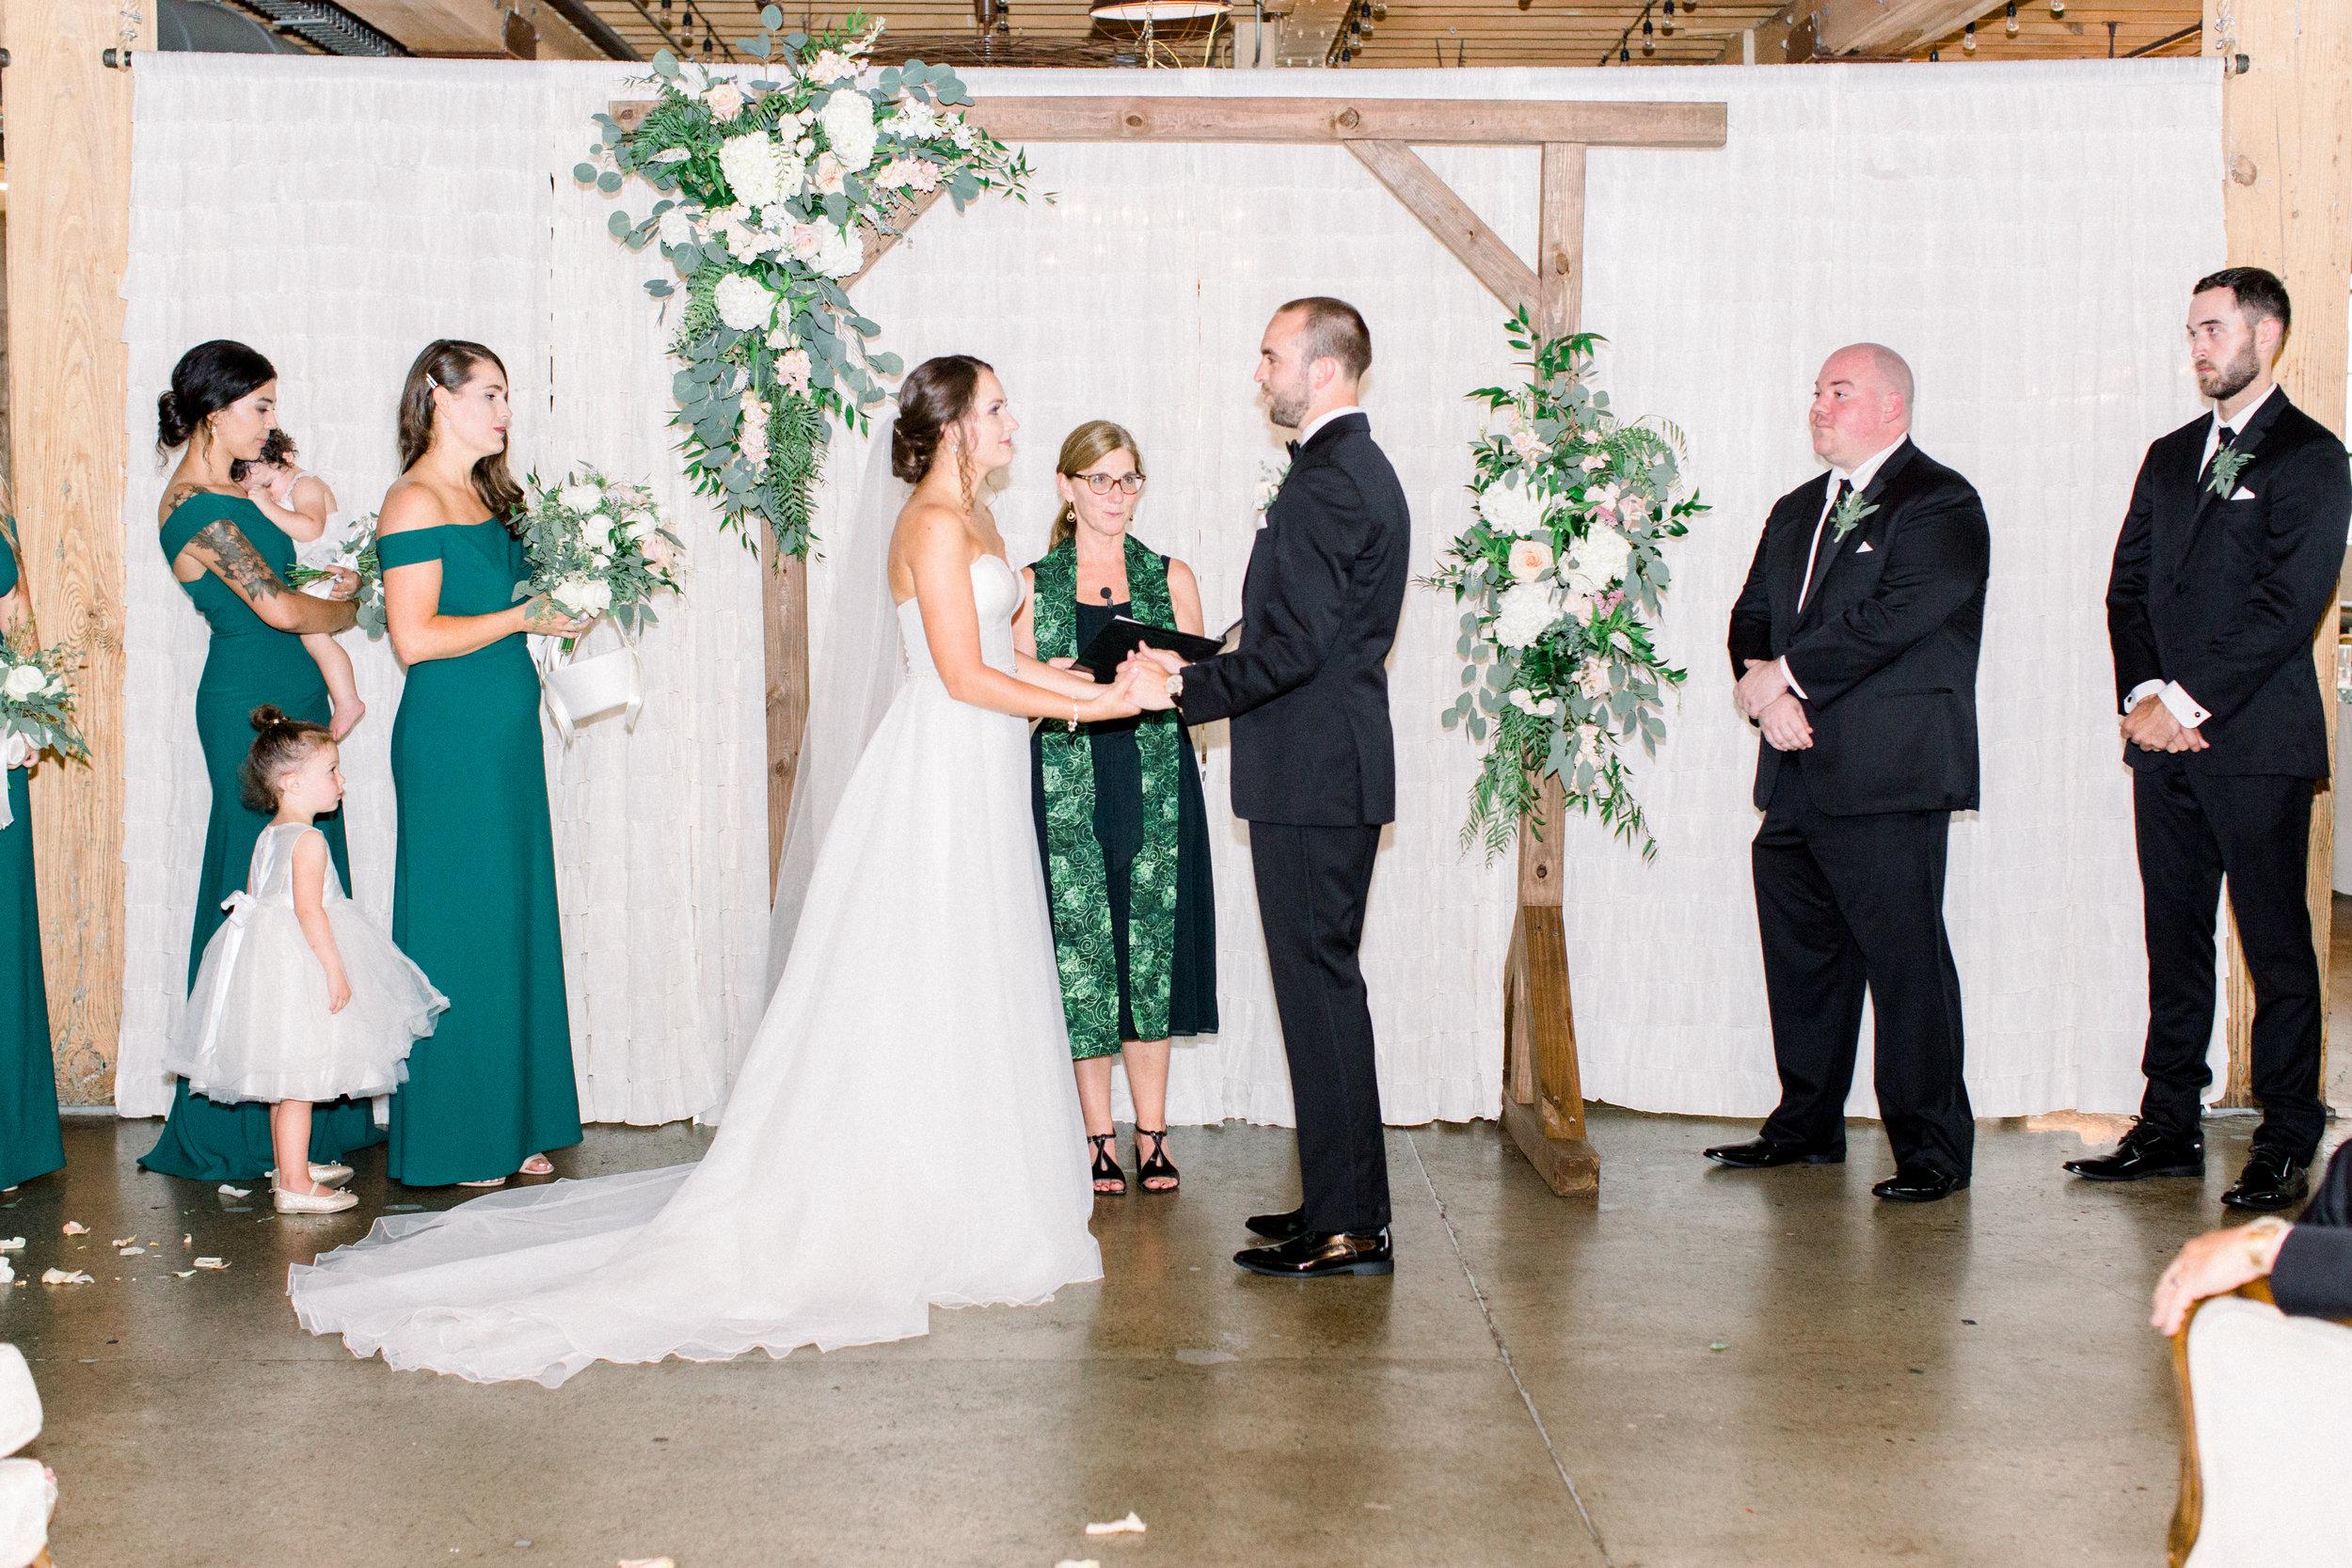 Steiner+Wedding+Ceremony-133.jpg